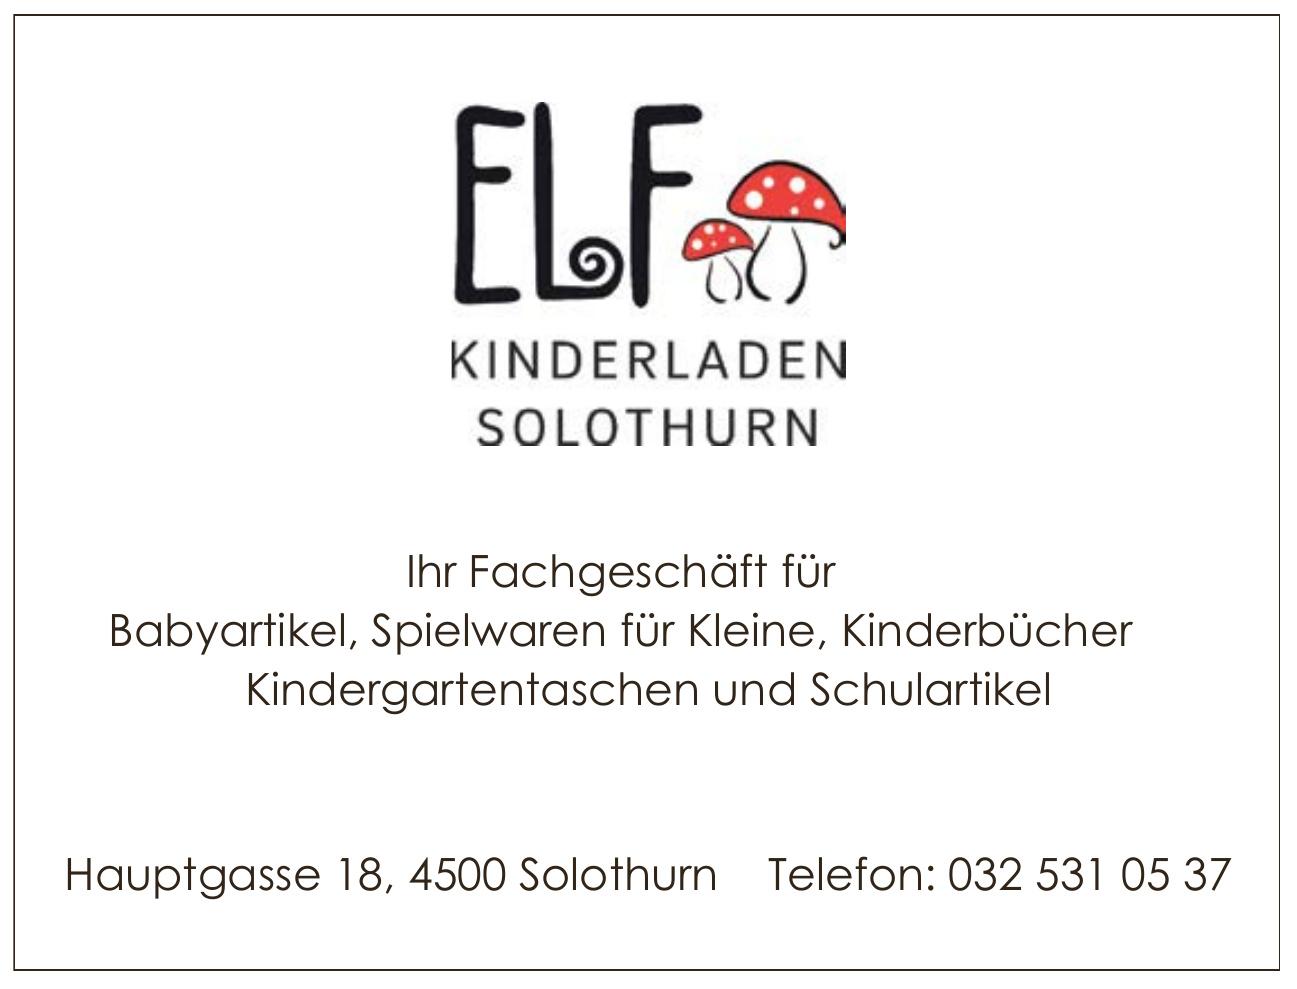 Elf Kinderladen Solothurn